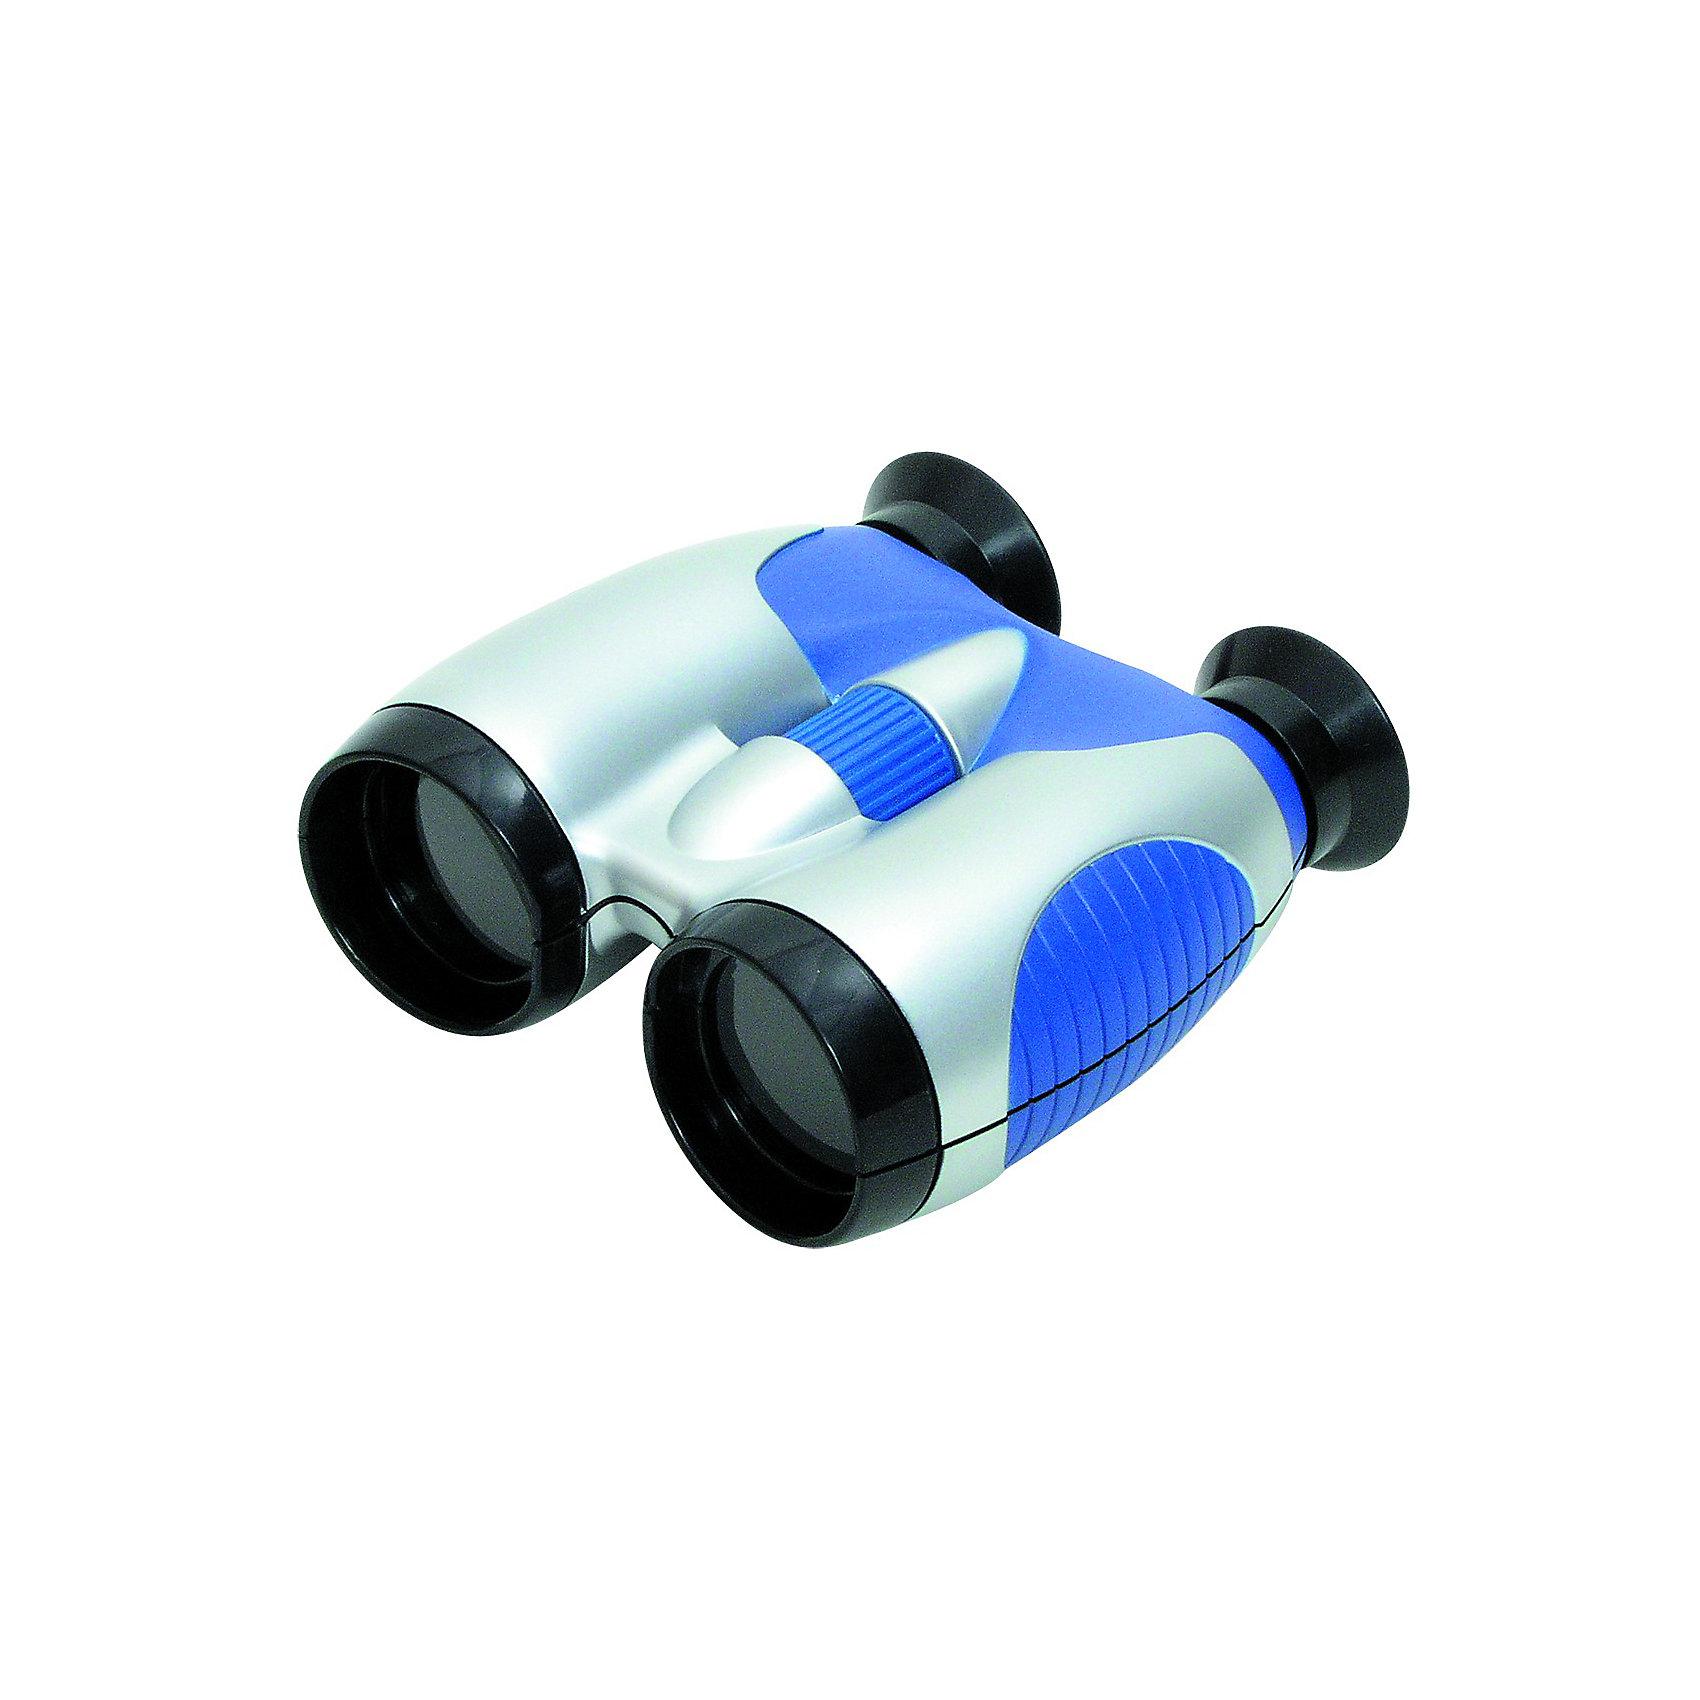 Бинокль, Edu-ToysЭксперименты и опыты<br>Бинокль, Edu-Toys станет замечательным помощником для юного исследователя и поможет совершить множество веселых открытий. Высококачественная стеклянная оптика и большой диаметр объектива 35 мм. обеспечивают отличное качество изображения. 4-кратное увеличение бинокля позволяет наблюдать как относительно близко расположенные предметы, так и удаленные. Мягкие резиновые накладки вокруг окуляра Имеется регулировка расстояния между глазами. Стильный сине-белый корпус бинокля имеет прорезиненное влагозащищенное покрытие, которое предохраняет его от мелких повреждений и позволяет использовать в любых погодных условиях. Есть ремень для ношения на шее. В комплект также входит мягкий чехол на молнии для переноски и хранения бинокля. <br> <br>Дополнительная информация:<br><br>- В комплекте: бинокль, ремень для ношения на шее, чехол для переноски и хранения. <br>- Материал: пластик, стекло. <br>- Диаметр объектива: 35 мм.<br>- Размер бинокля: 13 x 15 x 6 см.<br>- Вес: 0,2 кг.<br><br>Бинокль Edu-Toys, можно купить в нашем интернет-магазине.<br><br>Ширина мм: 130<br>Глубина мм: 58<br>Высота мм: 150<br>Вес г: 220<br>Возраст от месяцев: 72<br>Возраст до месяцев: 120<br>Пол: Унисекс<br>Возраст: Детский<br>SKU: 4013703